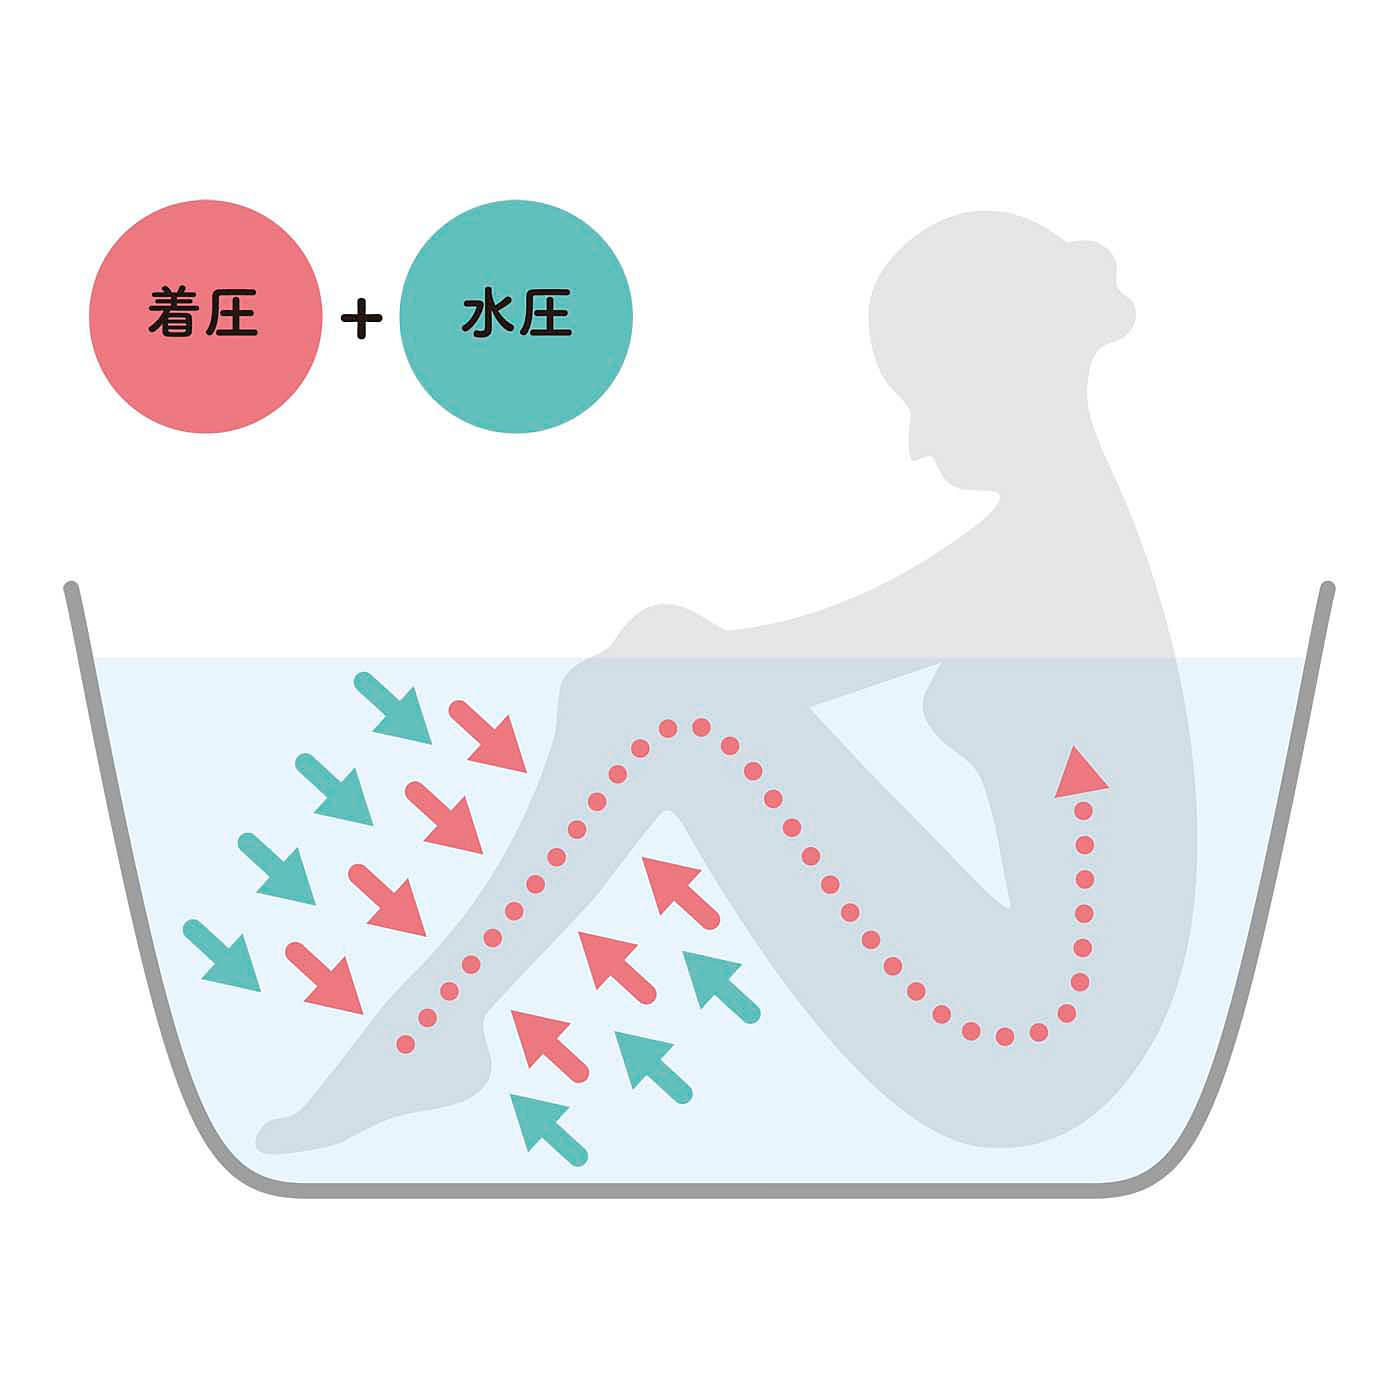 入浴前に着けて、そのままバスタブへ。水圧と着圧のダブル圧力でふくらはぎを集中的に締め付けて、心地いい。